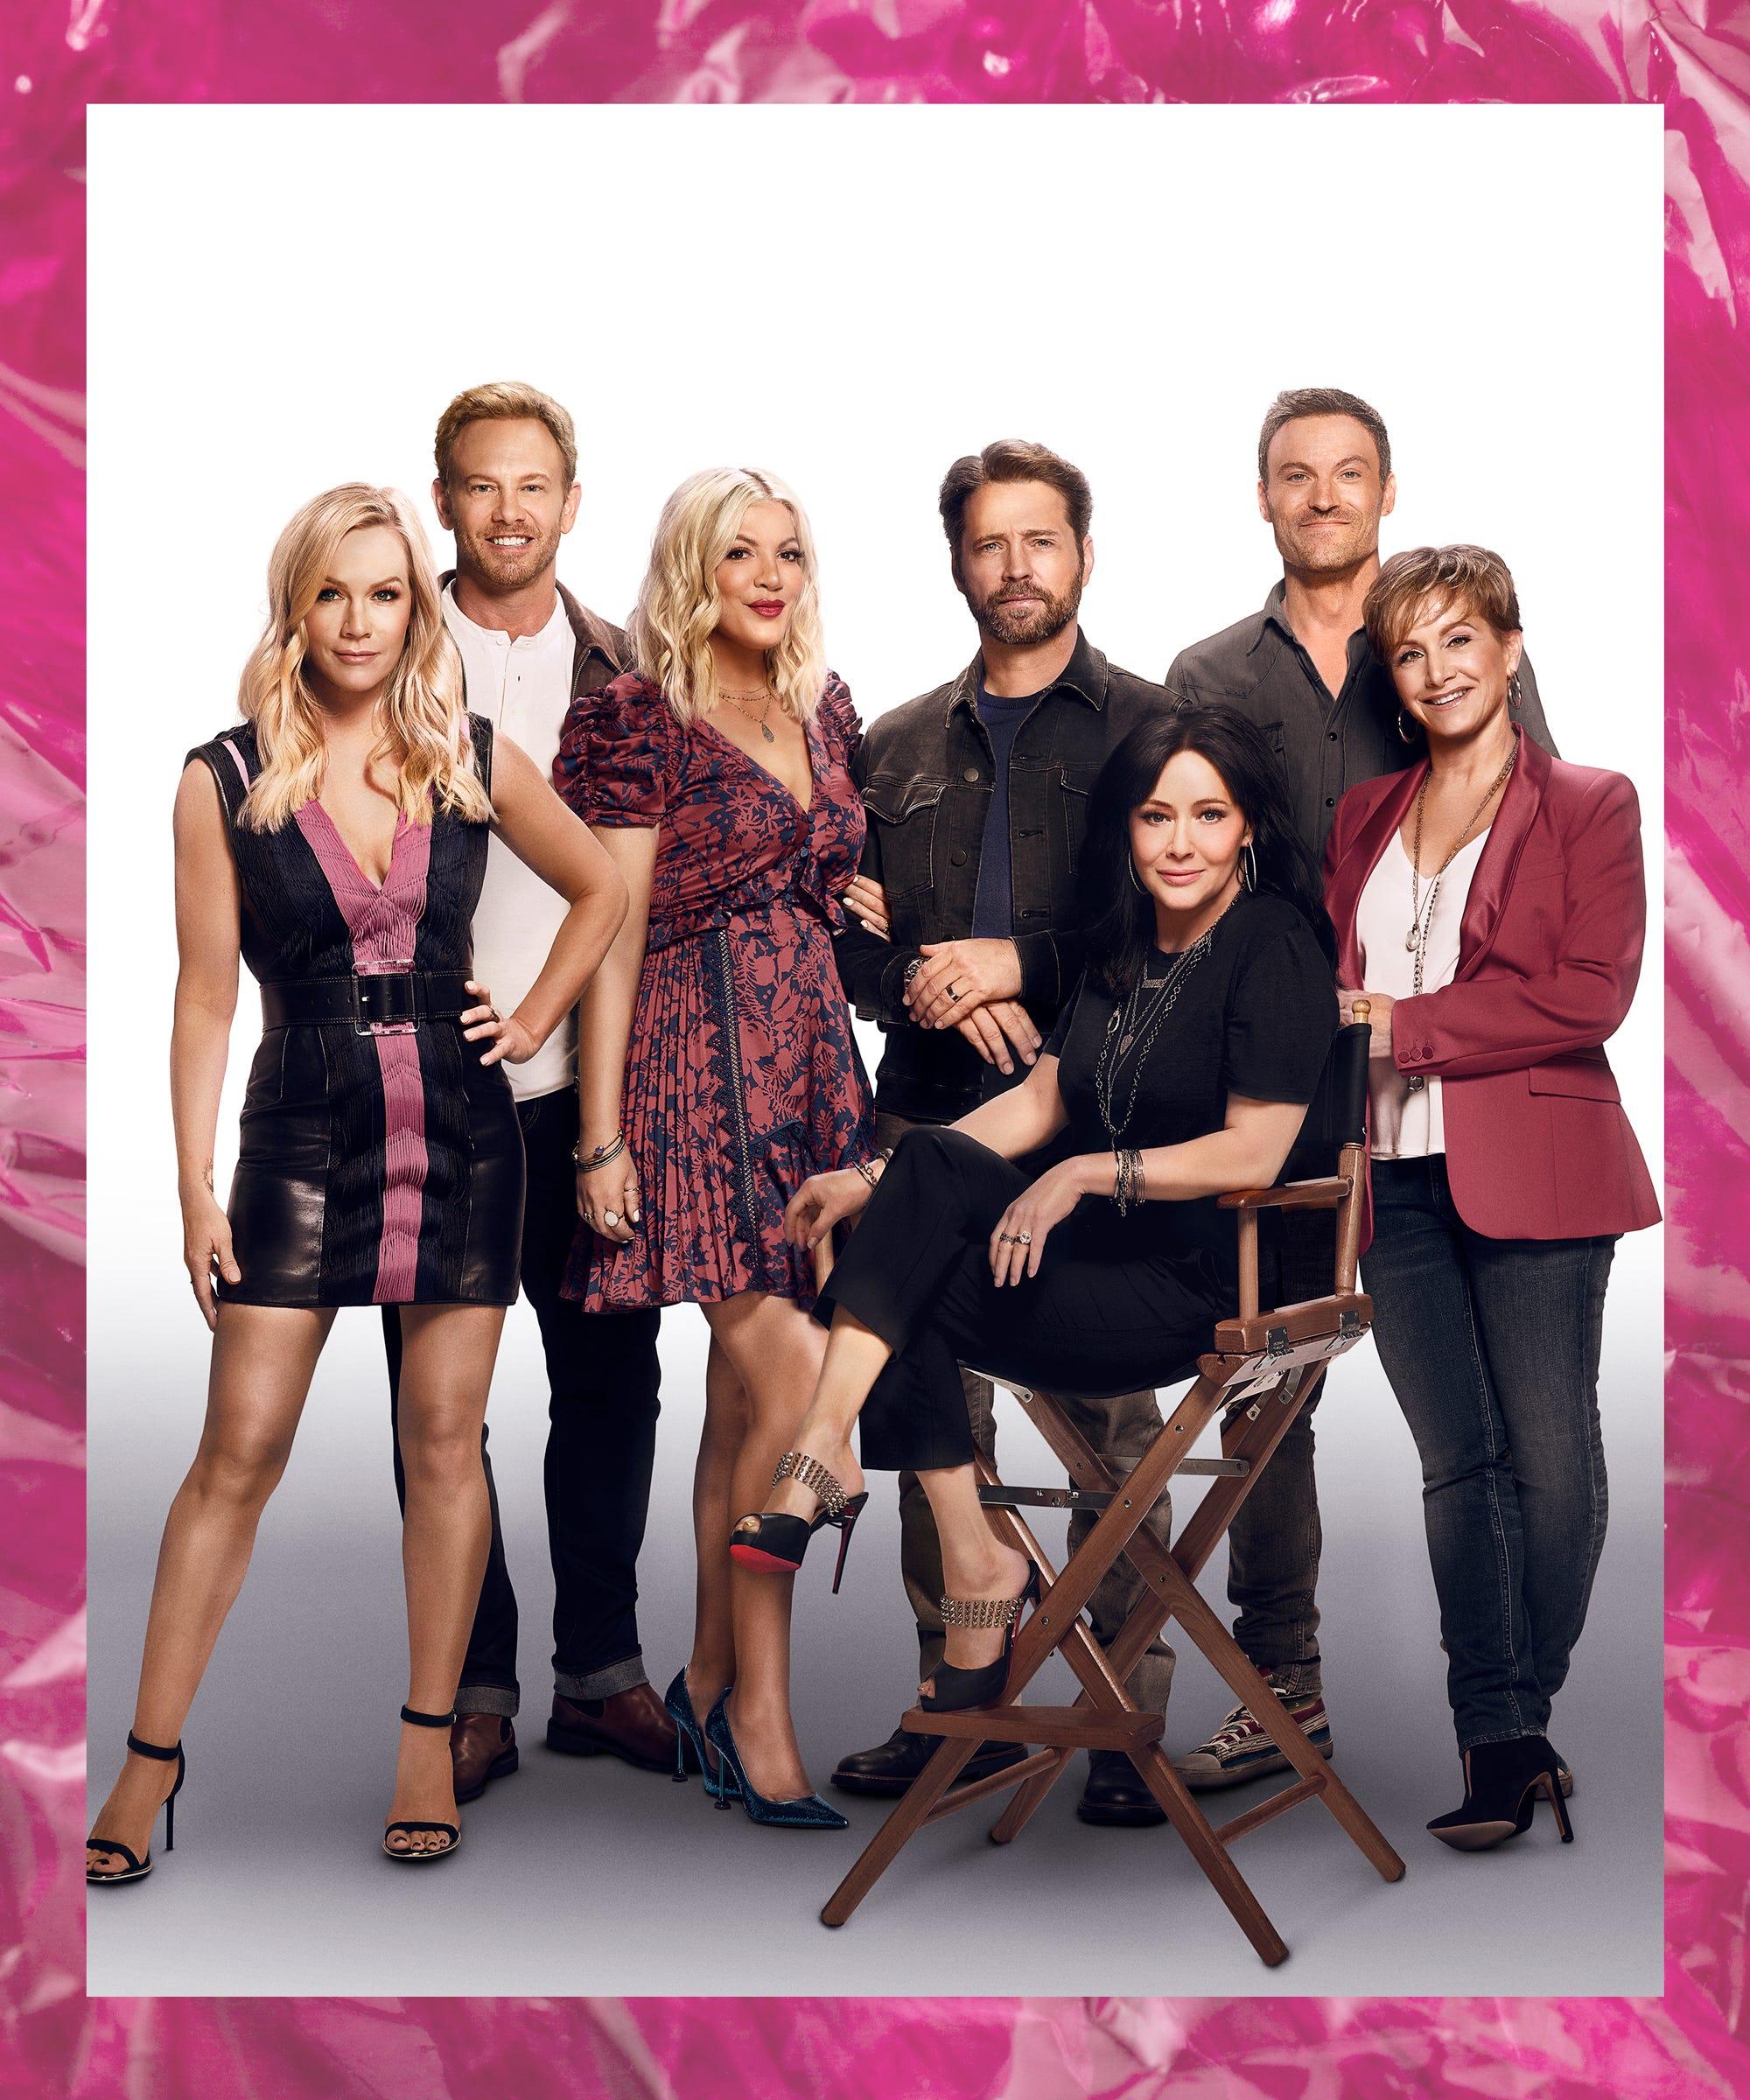 Μπέβερλι Χιλς 90210 dating χαρακτήρες